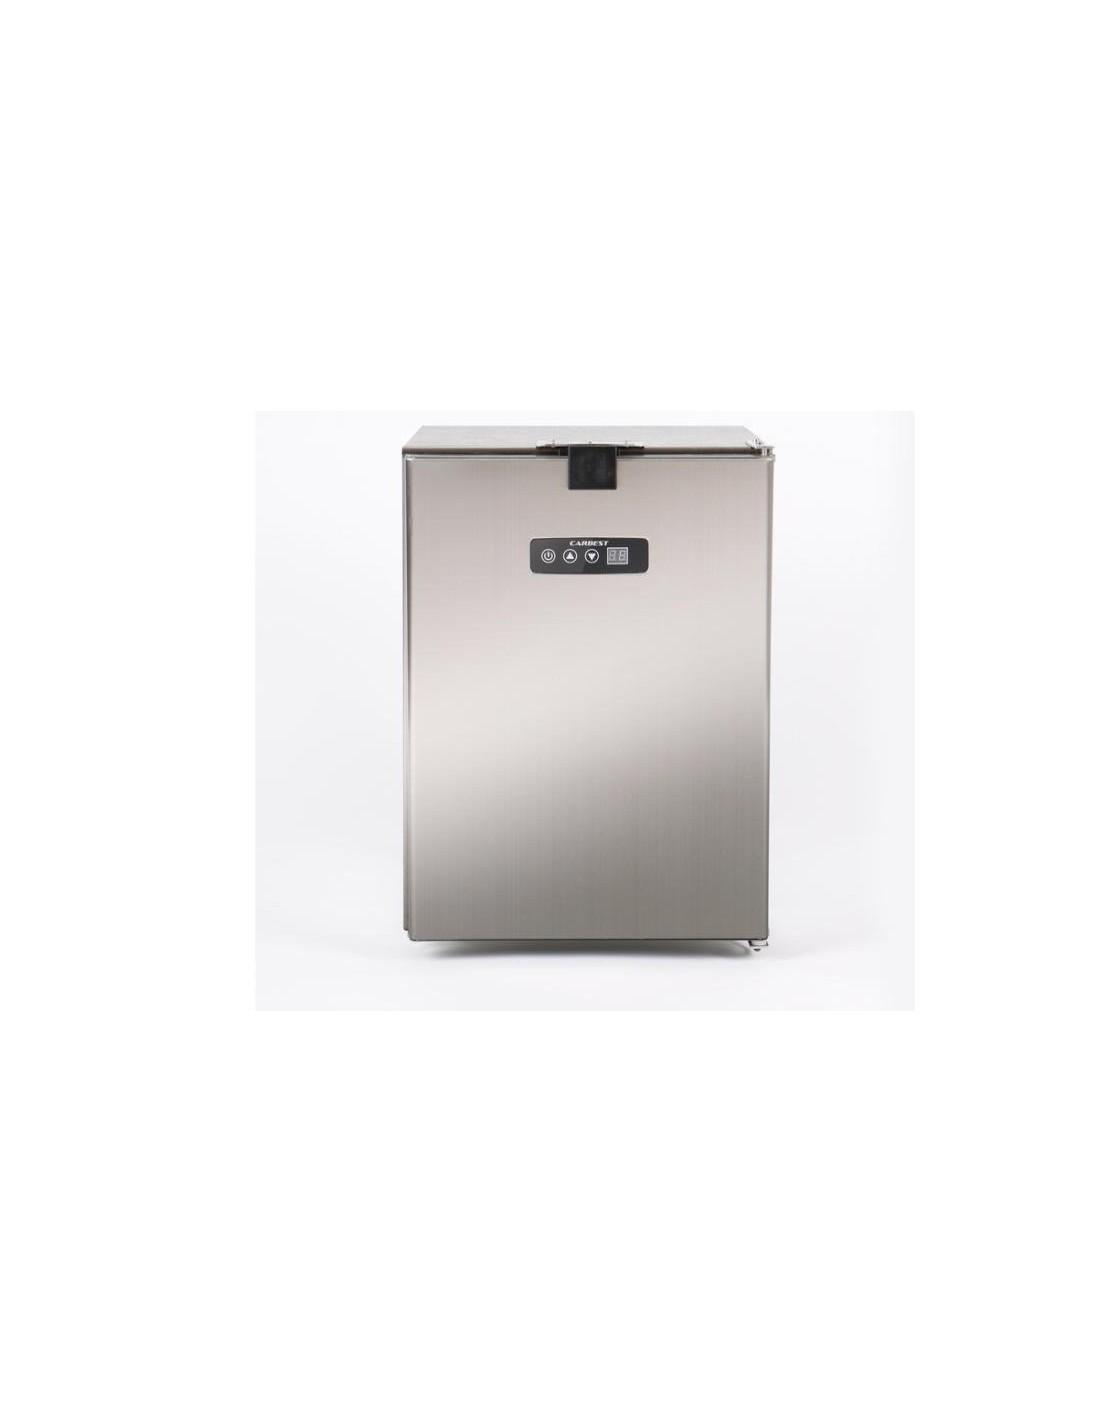 carbest kompressor k hlschrank 34l 6l gefrierfach 12 24v. Black Bedroom Furniture Sets. Home Design Ideas